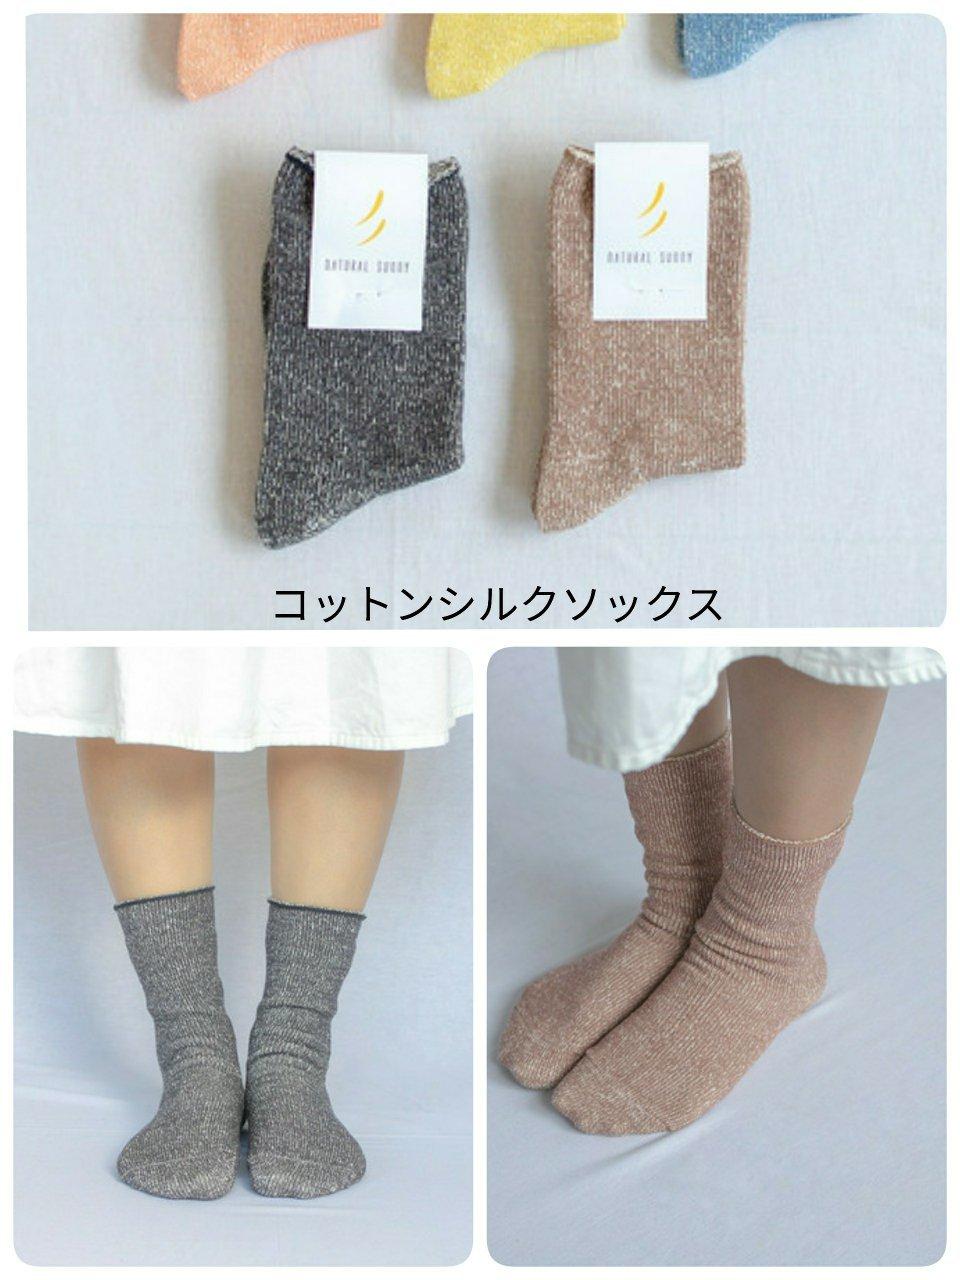 靴下、腹巻き、ネックウォーマー_f0255704_15153633.jpg